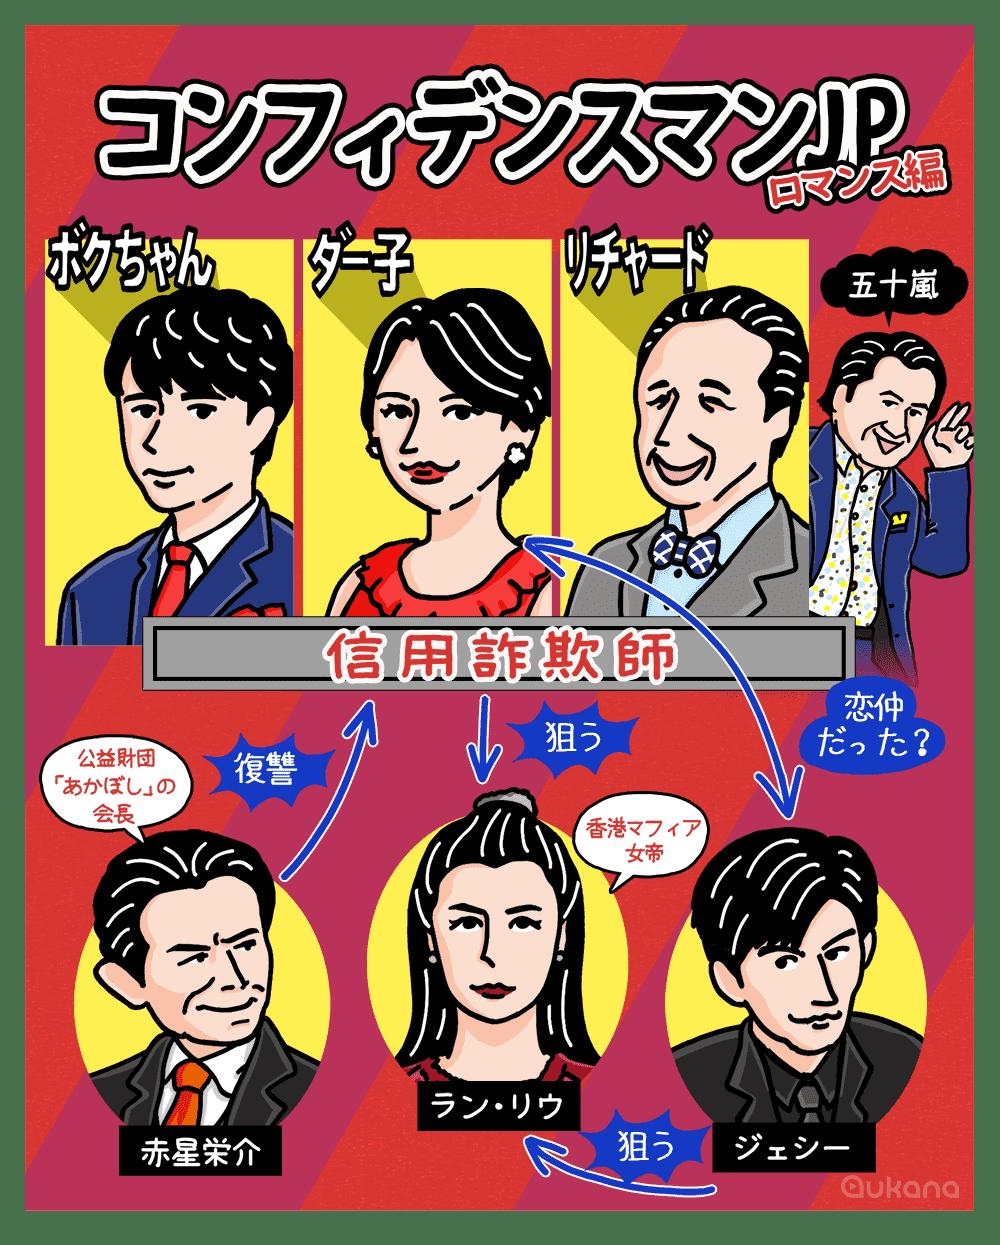 歌 コンフィデンス マン 映画